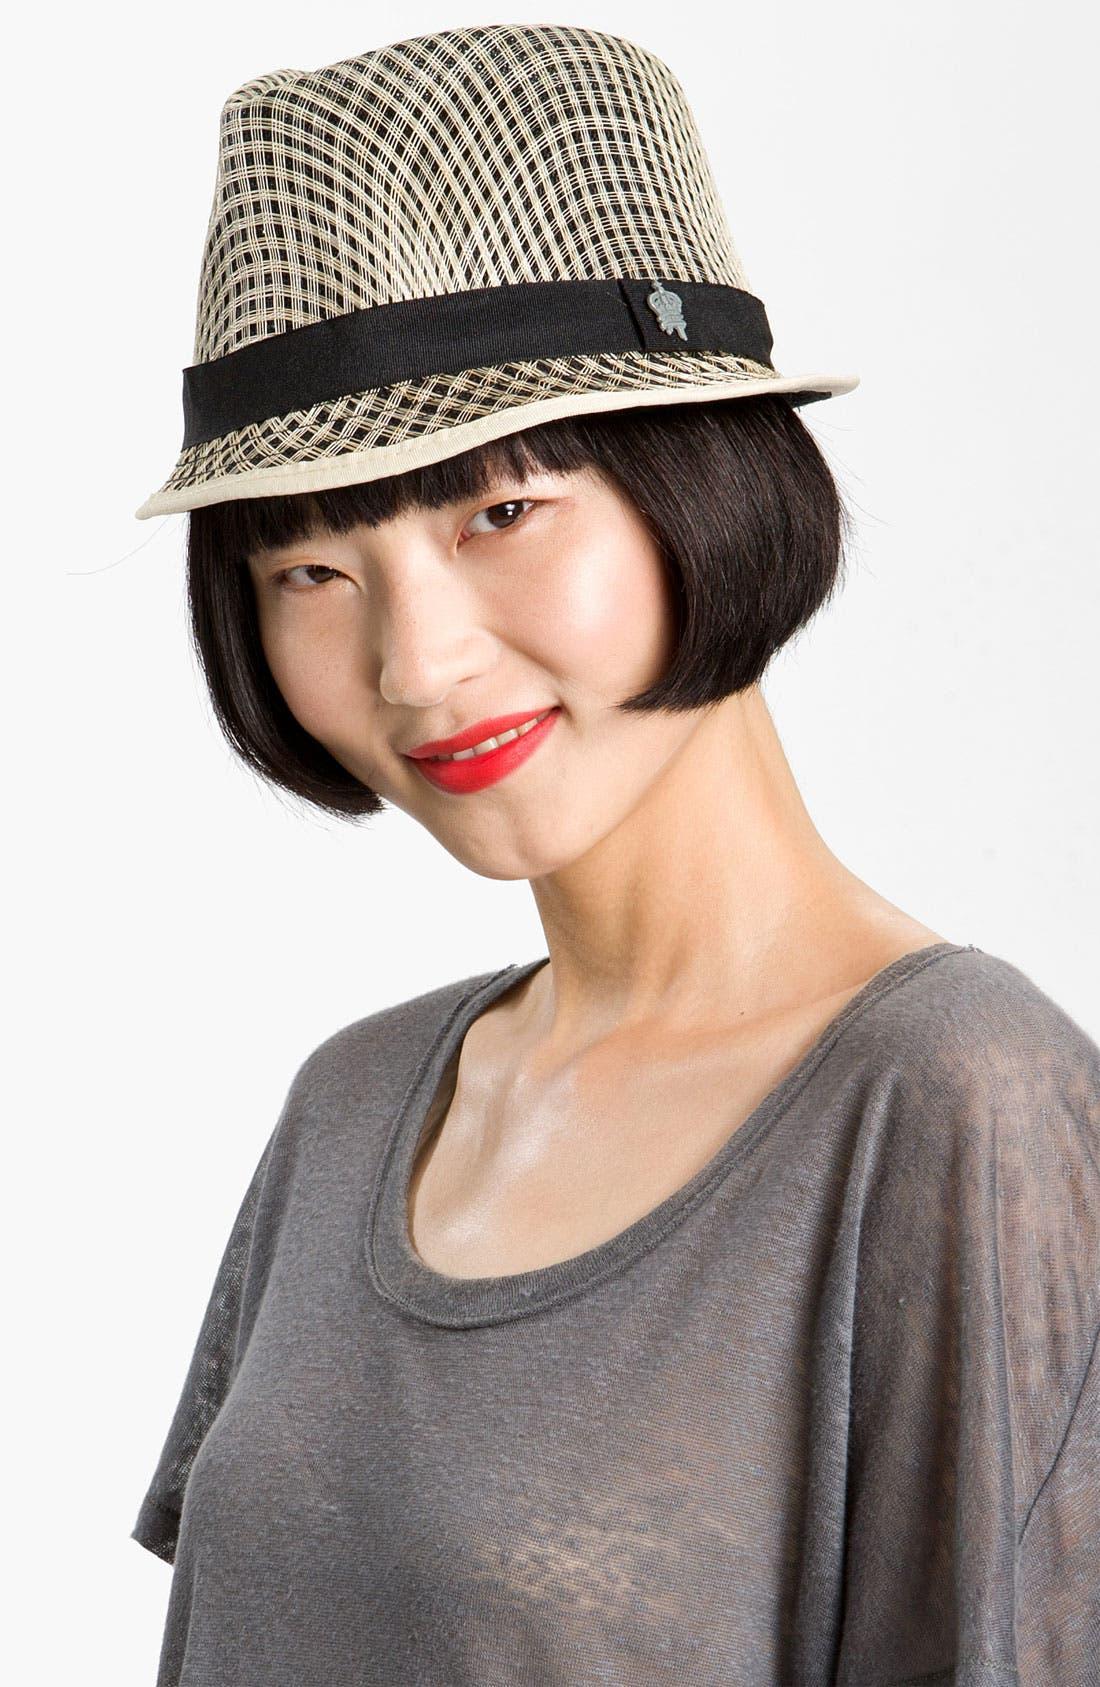 Main Image - Christy's Hats 'Paris' Hat